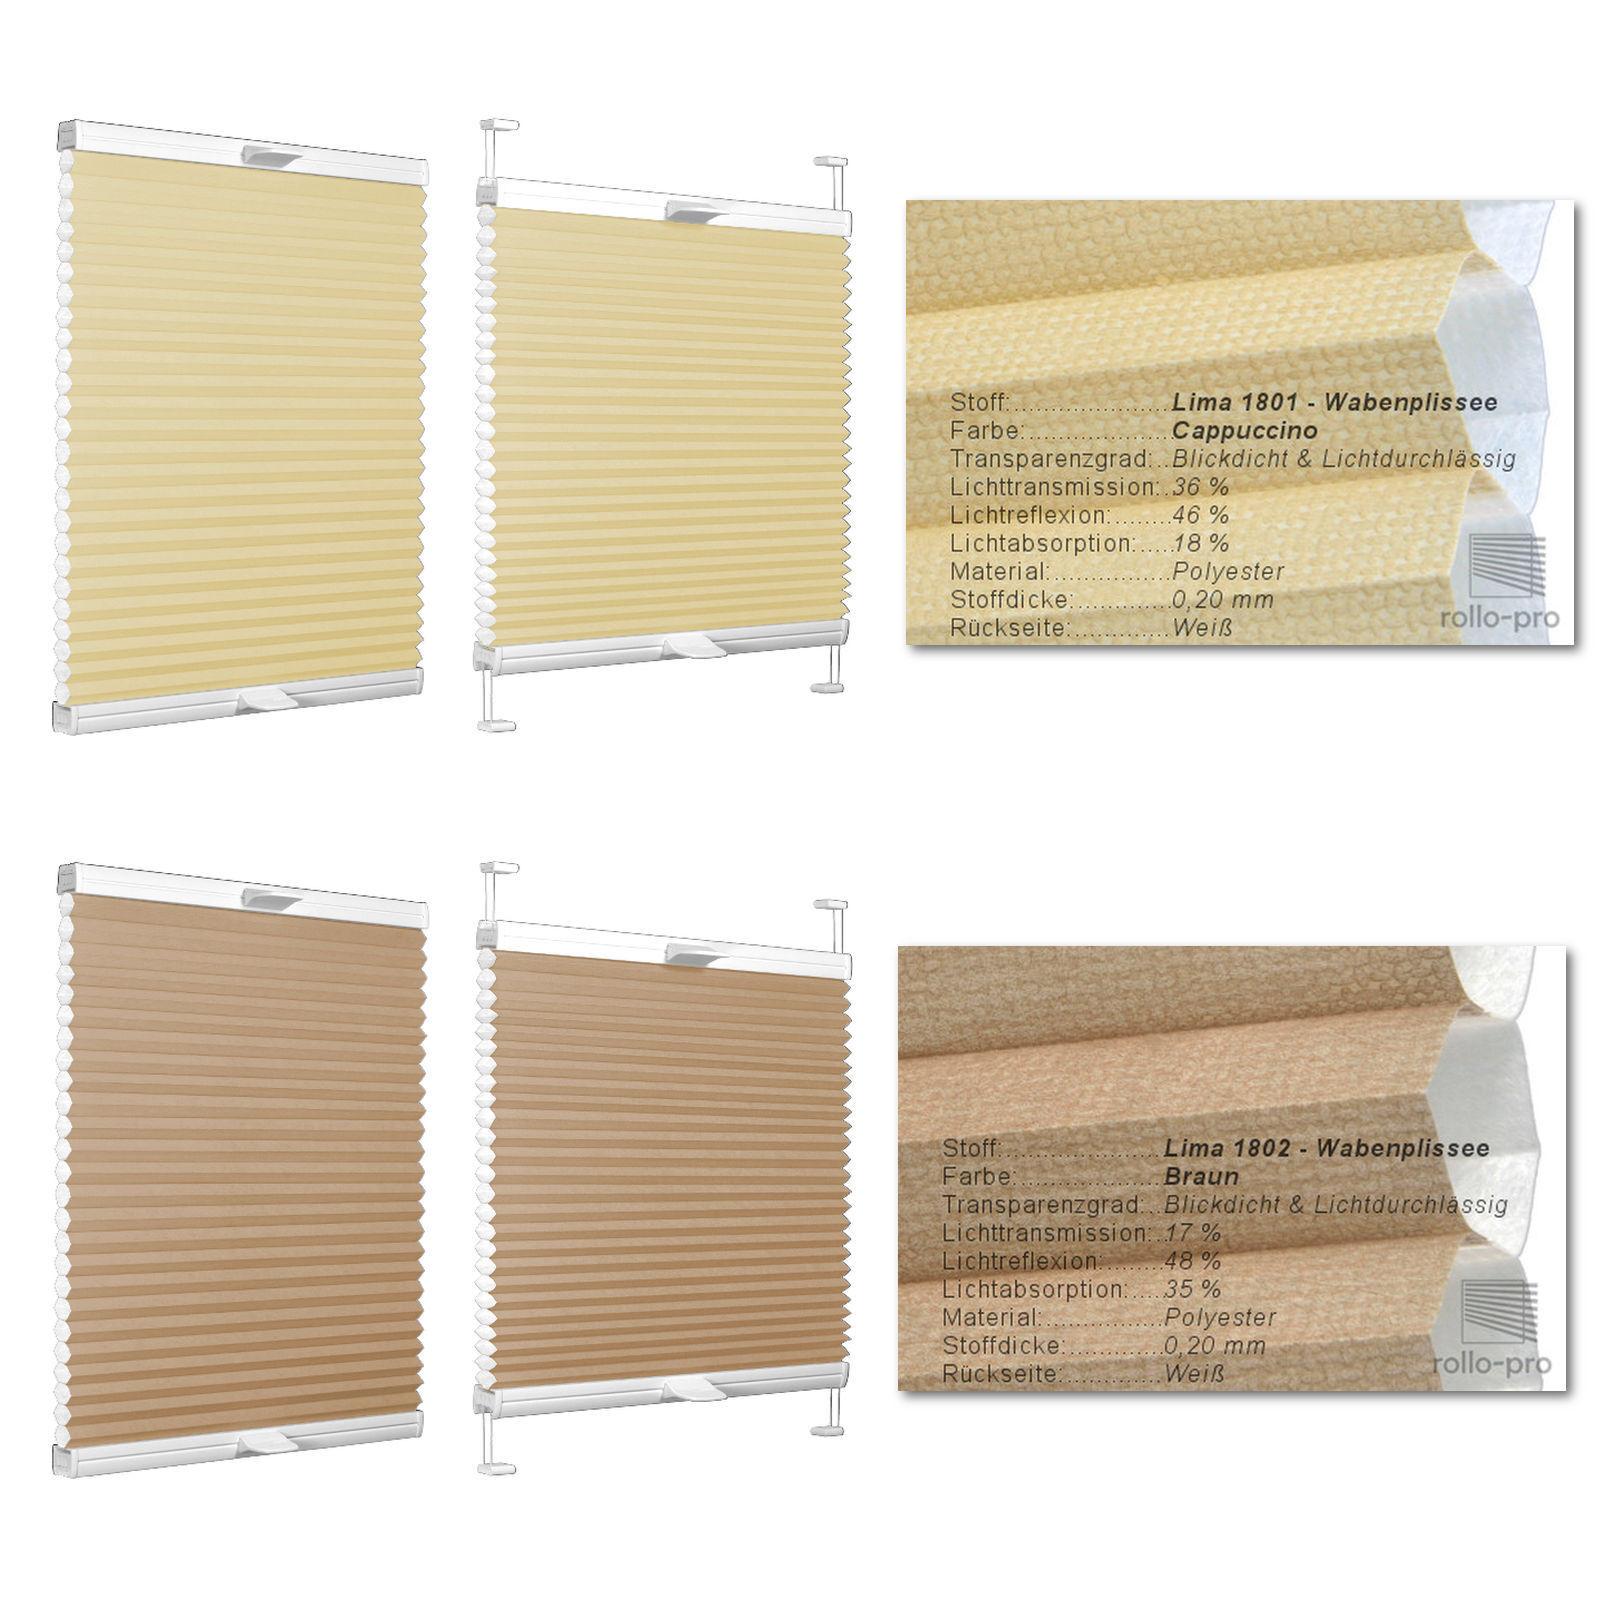 Premute plissettata plissettata plissettata duoplisse faltrollo faltstore ► LIMA ► ALU-rossoaia plissees persiane e65500